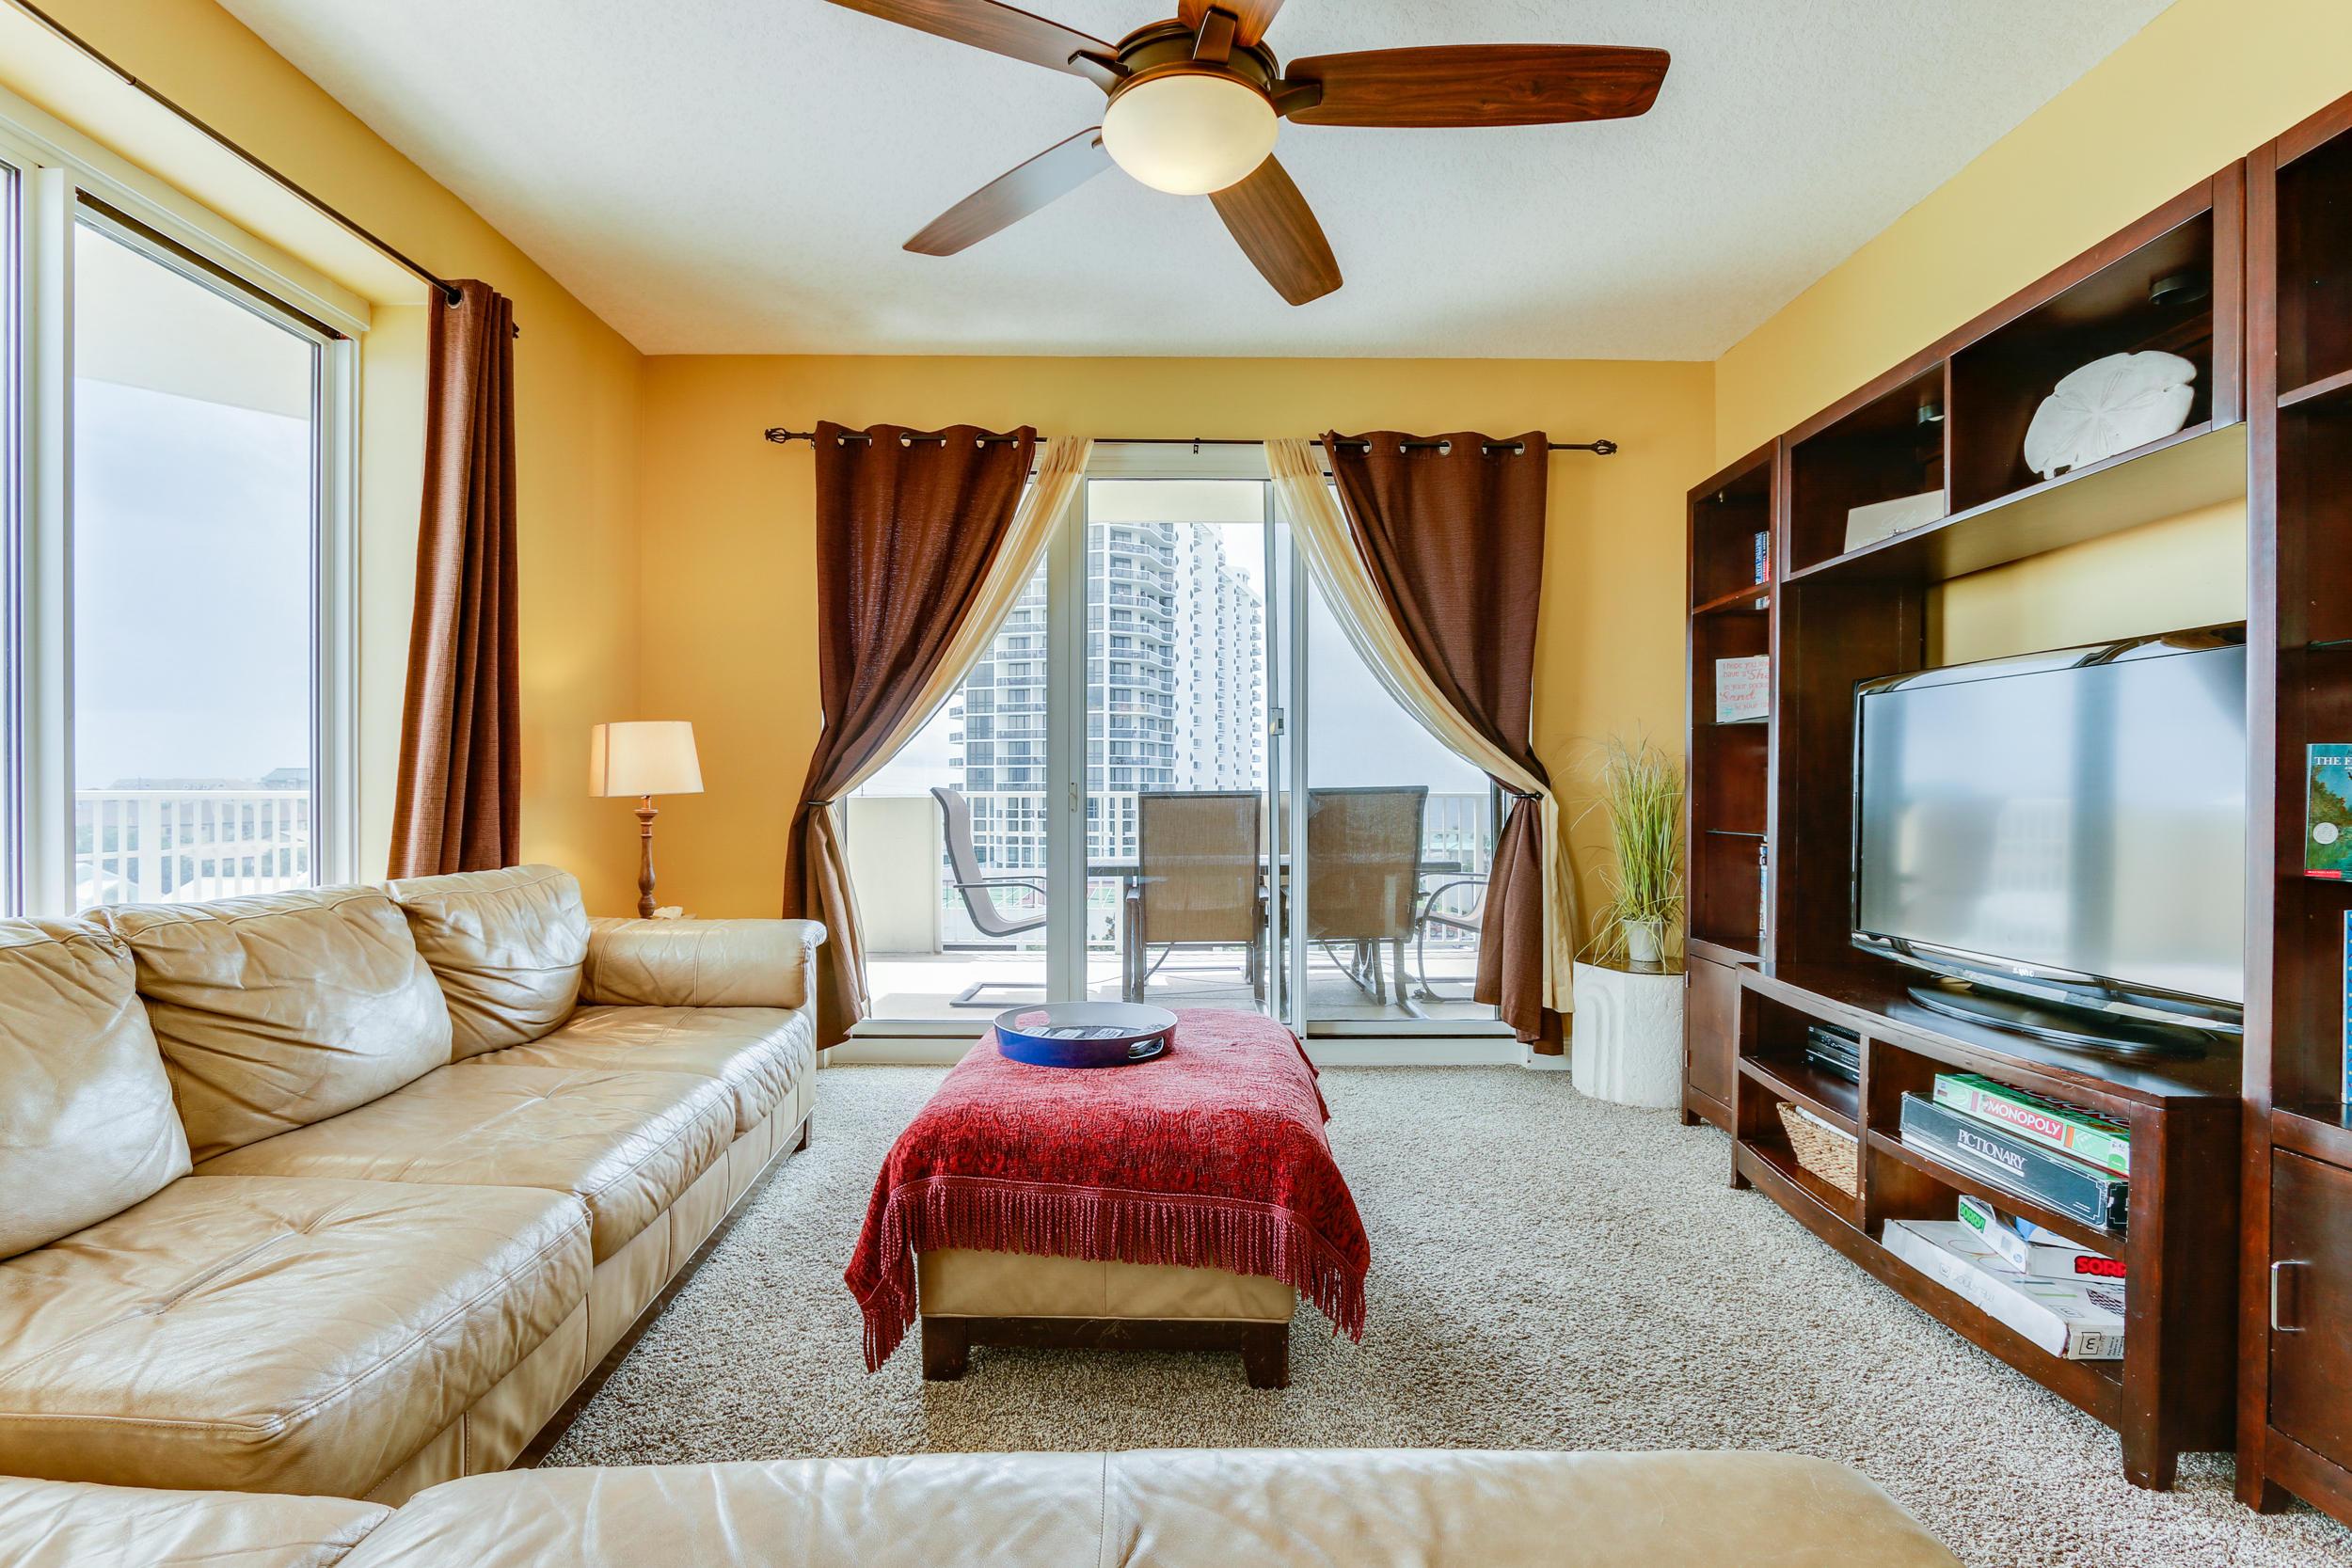 A 3 Bedroom 3 Bedroom Ariel Dunes Condominium